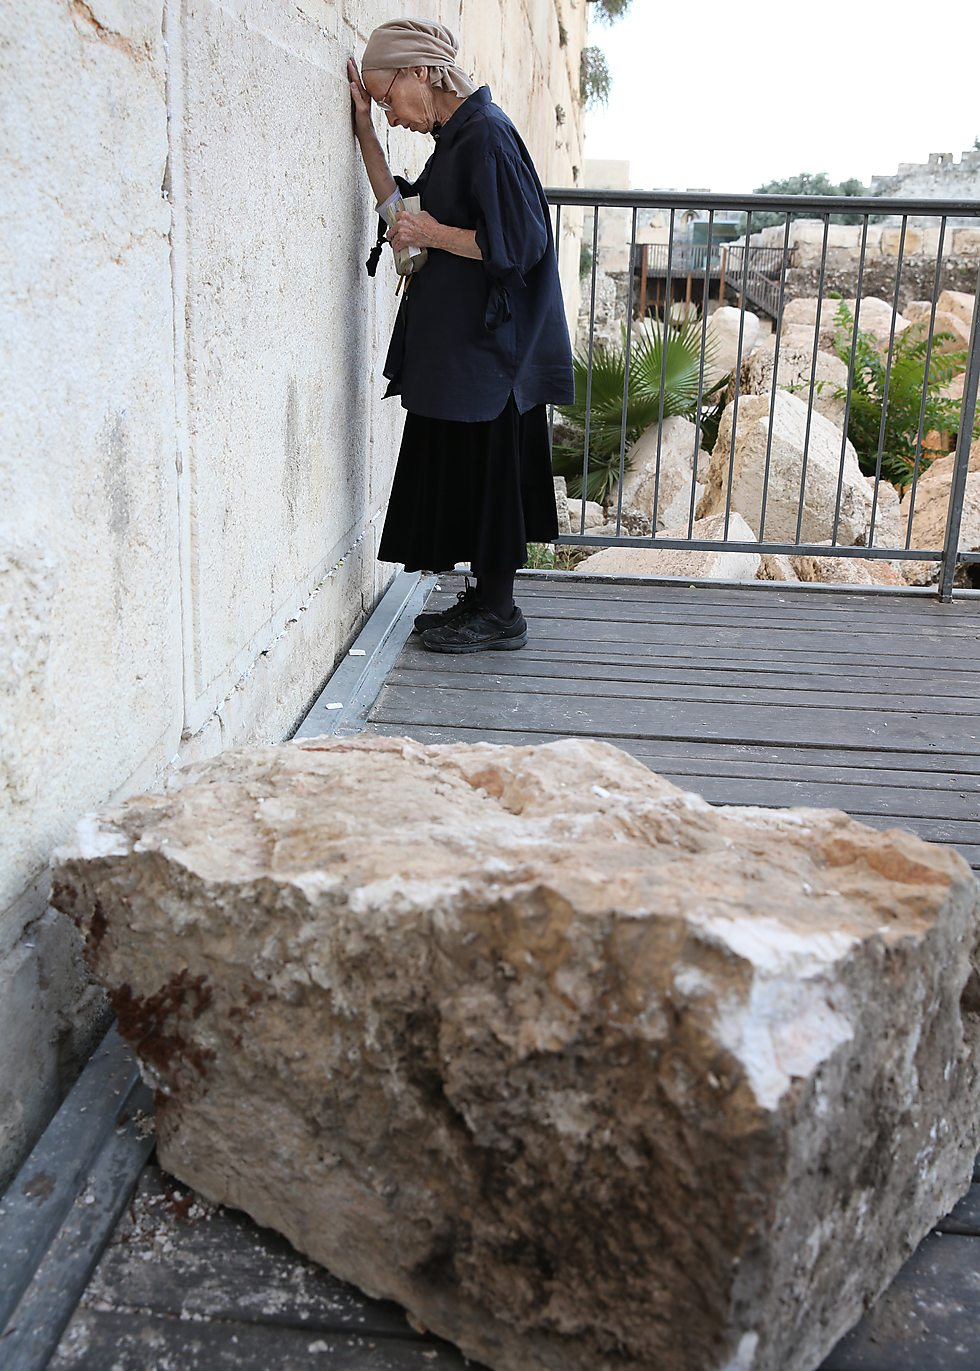 Женщина, рядом с которой упал блок, пришла вознести молитву во спасение. Фото: Алекс Коломойский